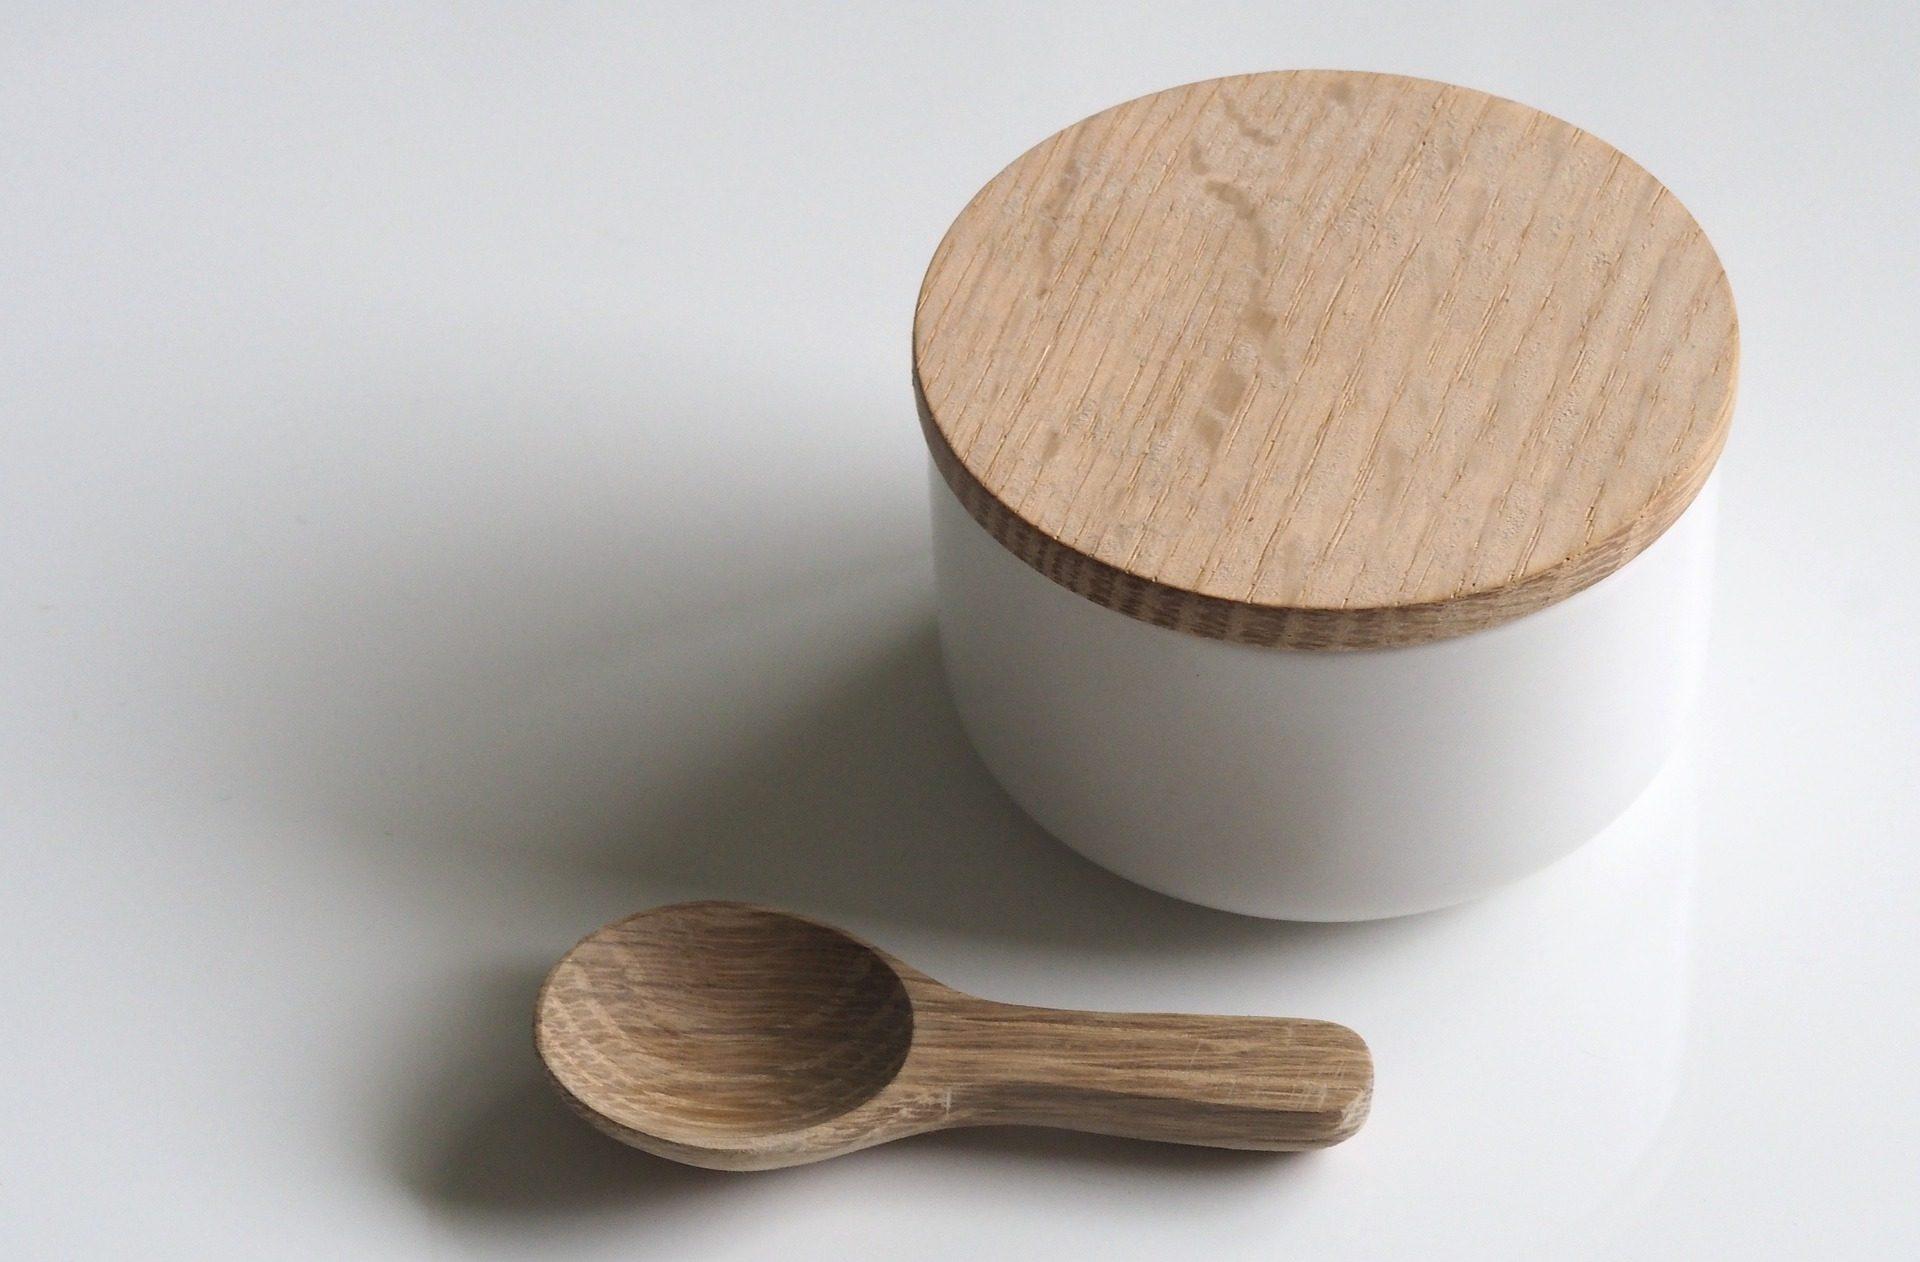 wood-3068618_1920